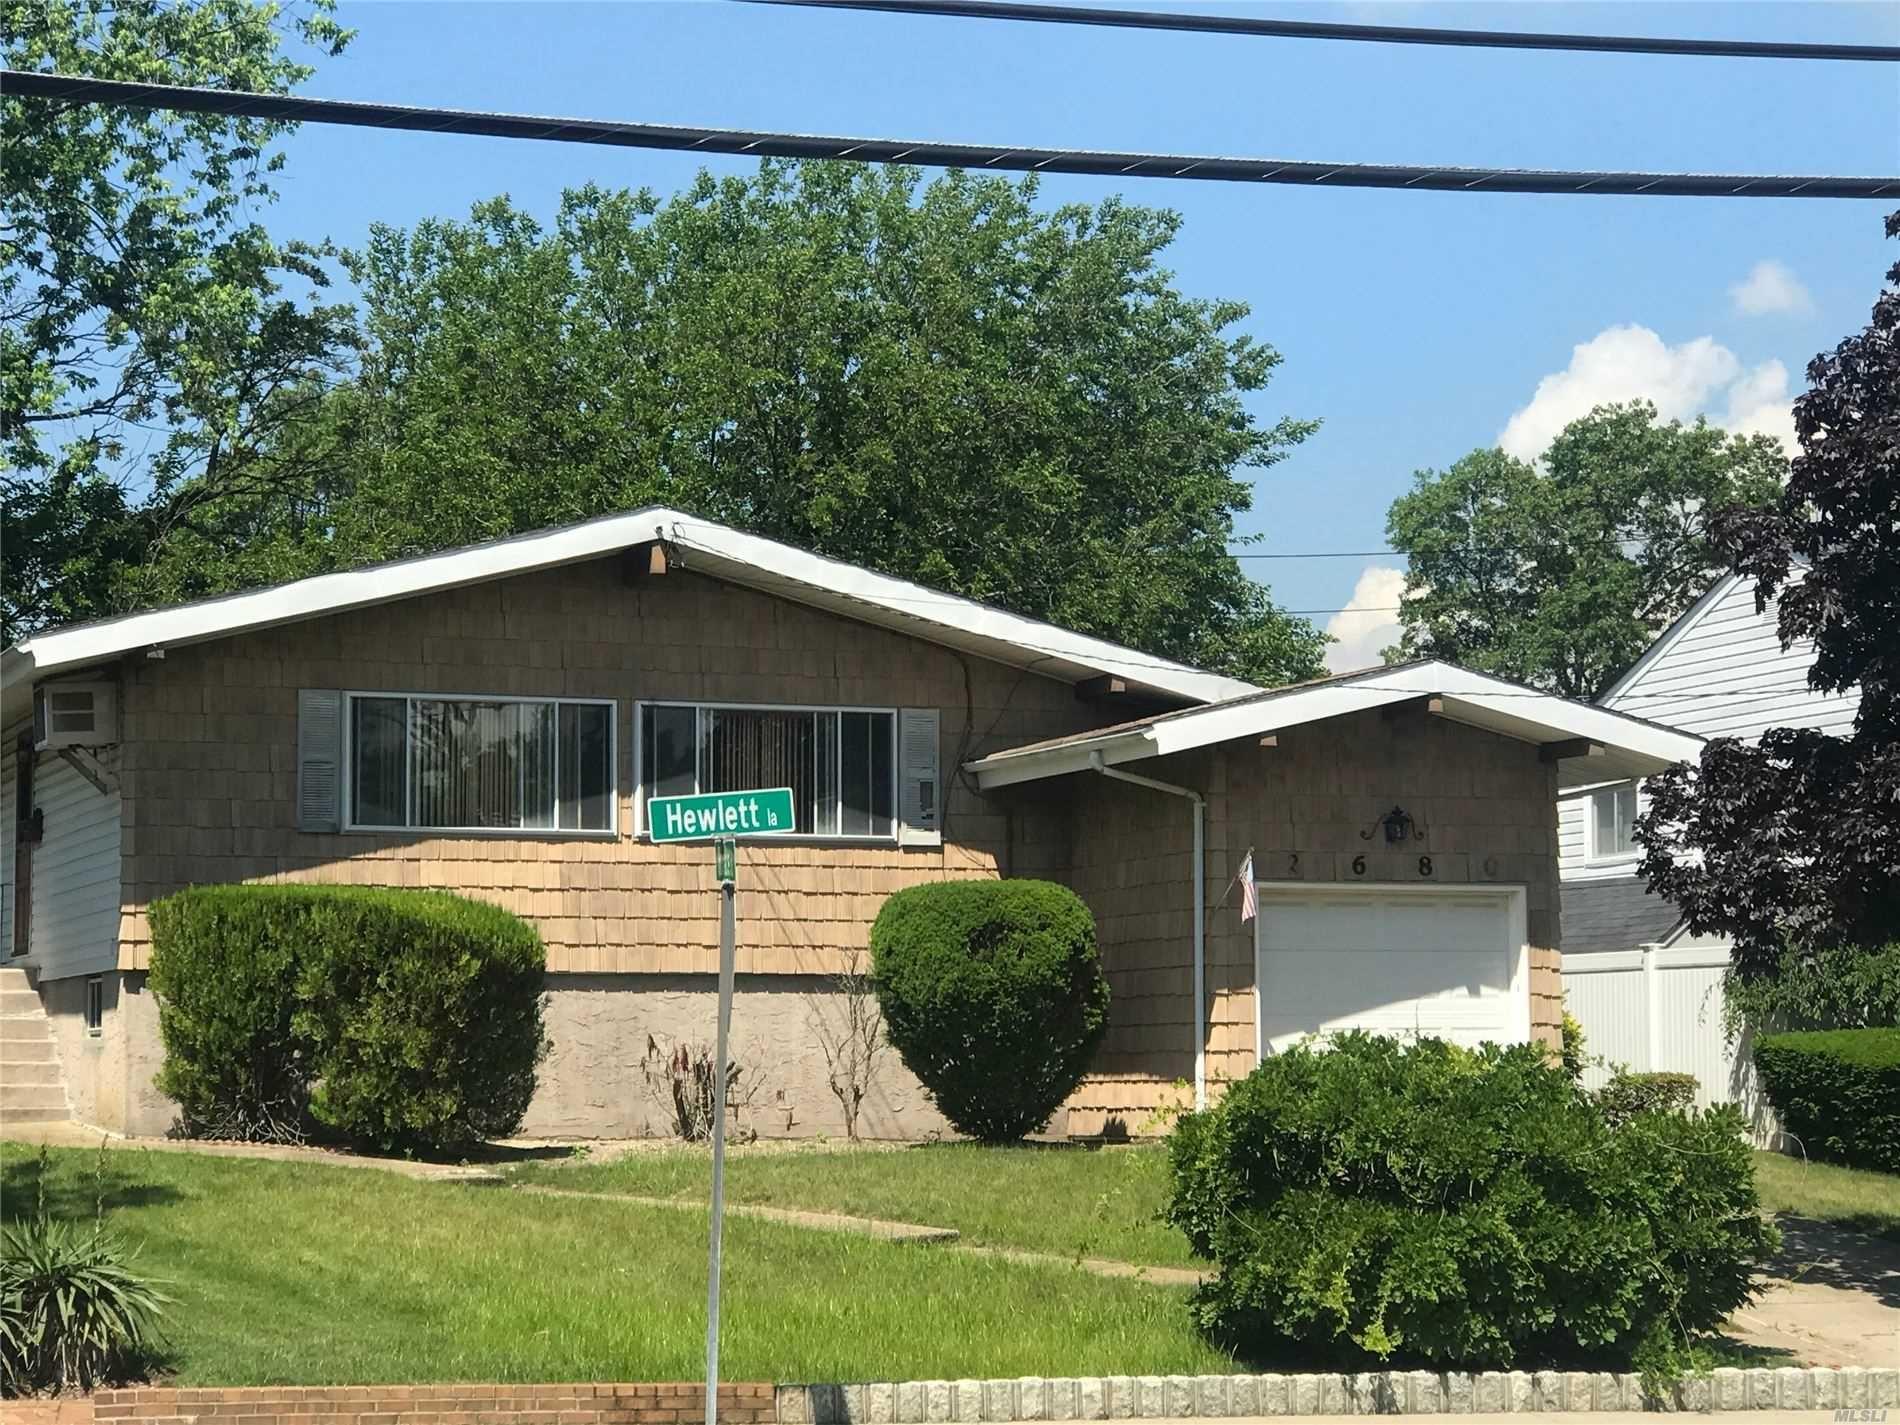 2680 Hewlett Ln, Bellmore, NY 11710 - MLS#: 3225403